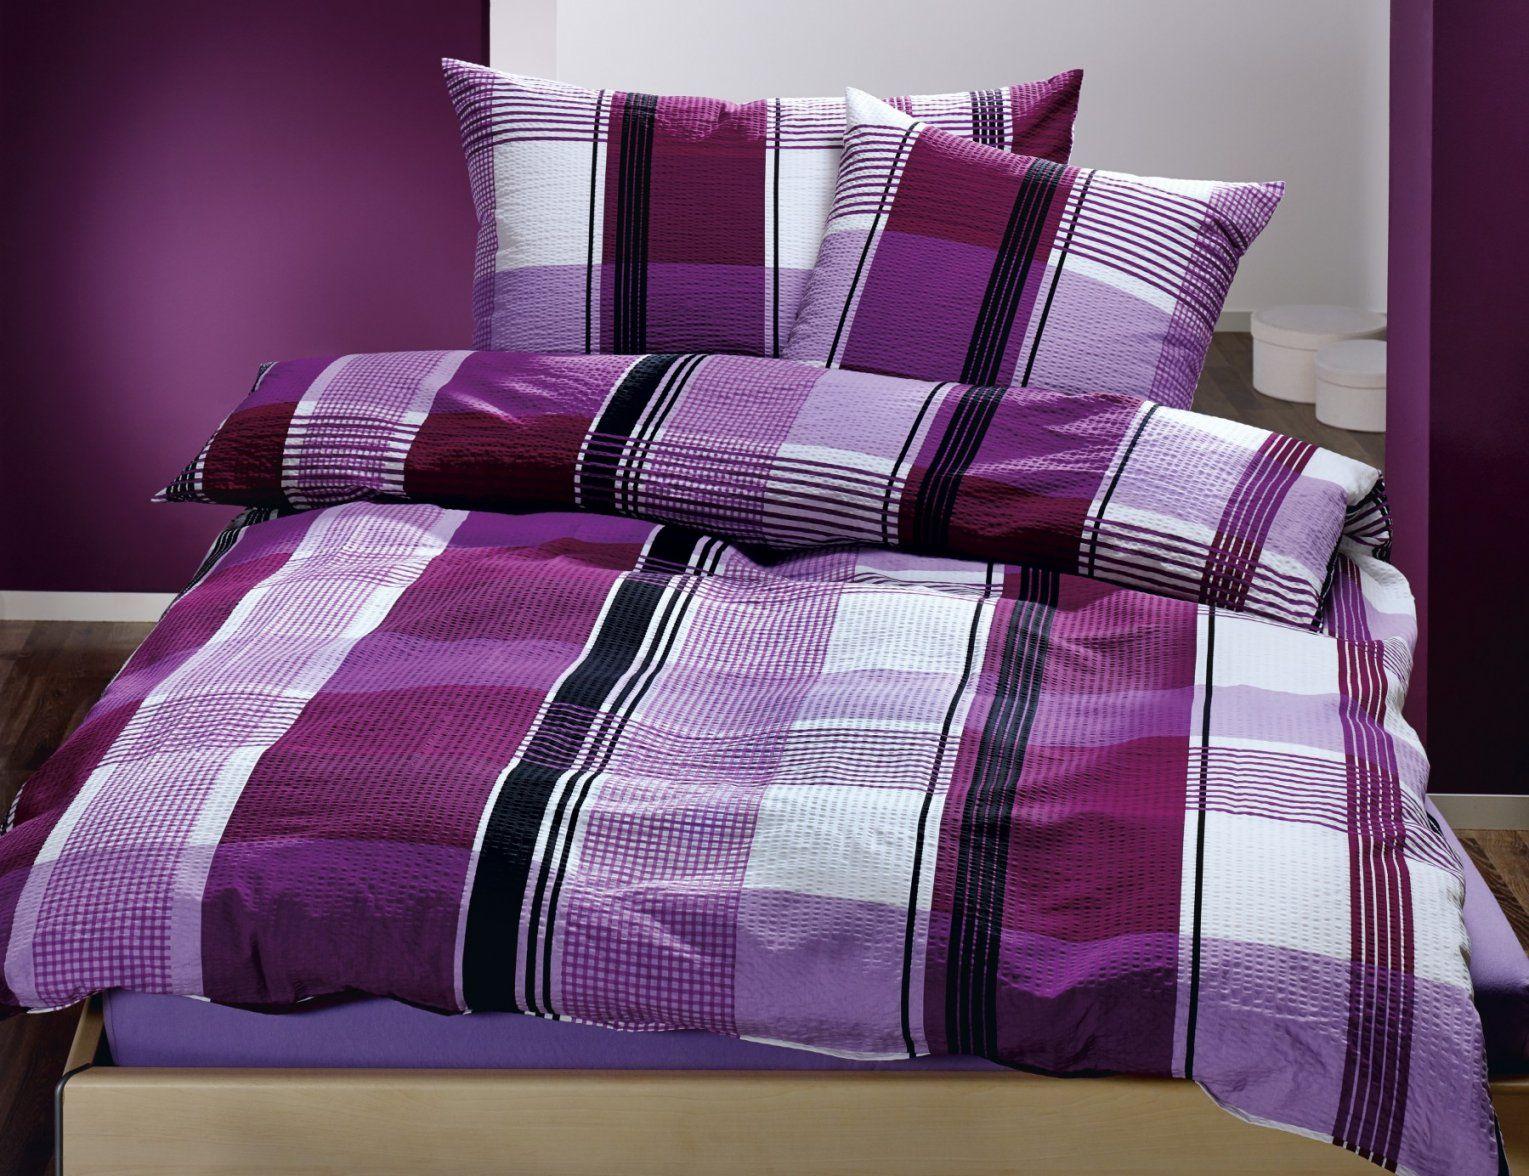 Ziemlich Violette Bettwäsche Bettwasche Atemberaubend Weis Lila von Bettwäsche Weiß Lila Bild